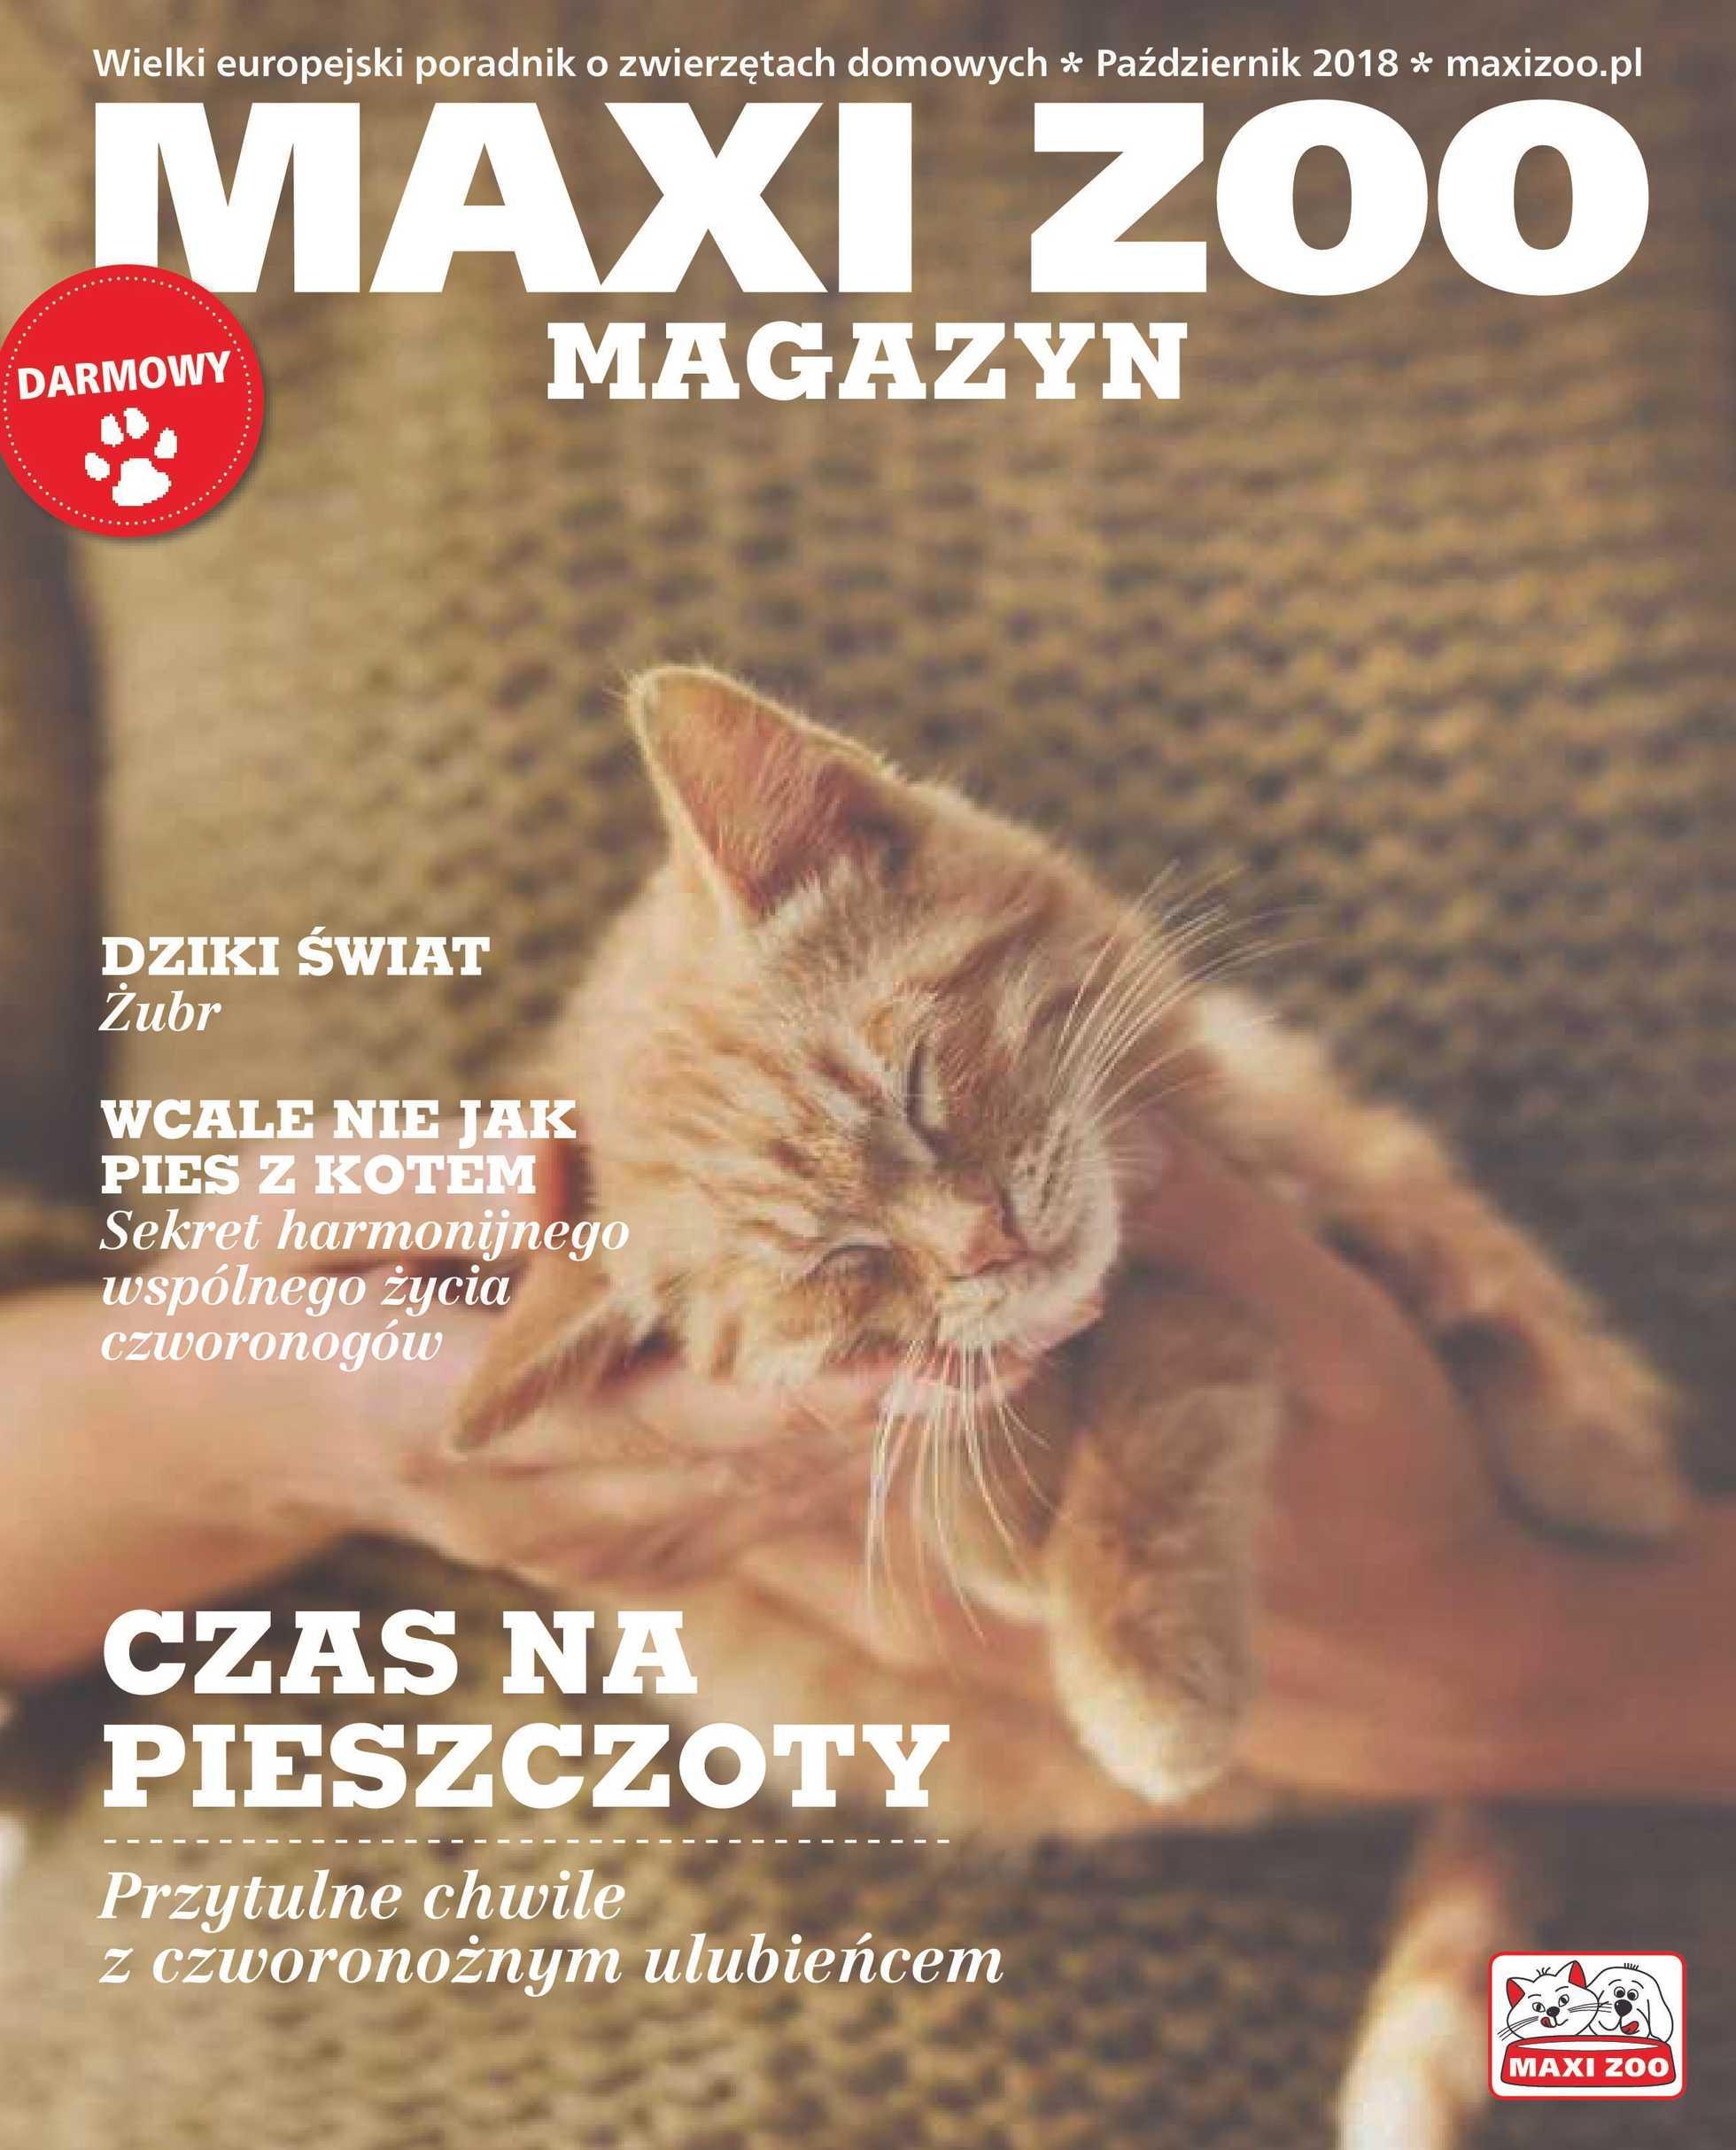 Maxi ZOO - gazetka promocyjna ważna od 01.10.2018 do 31.05.2019 - strona 1.